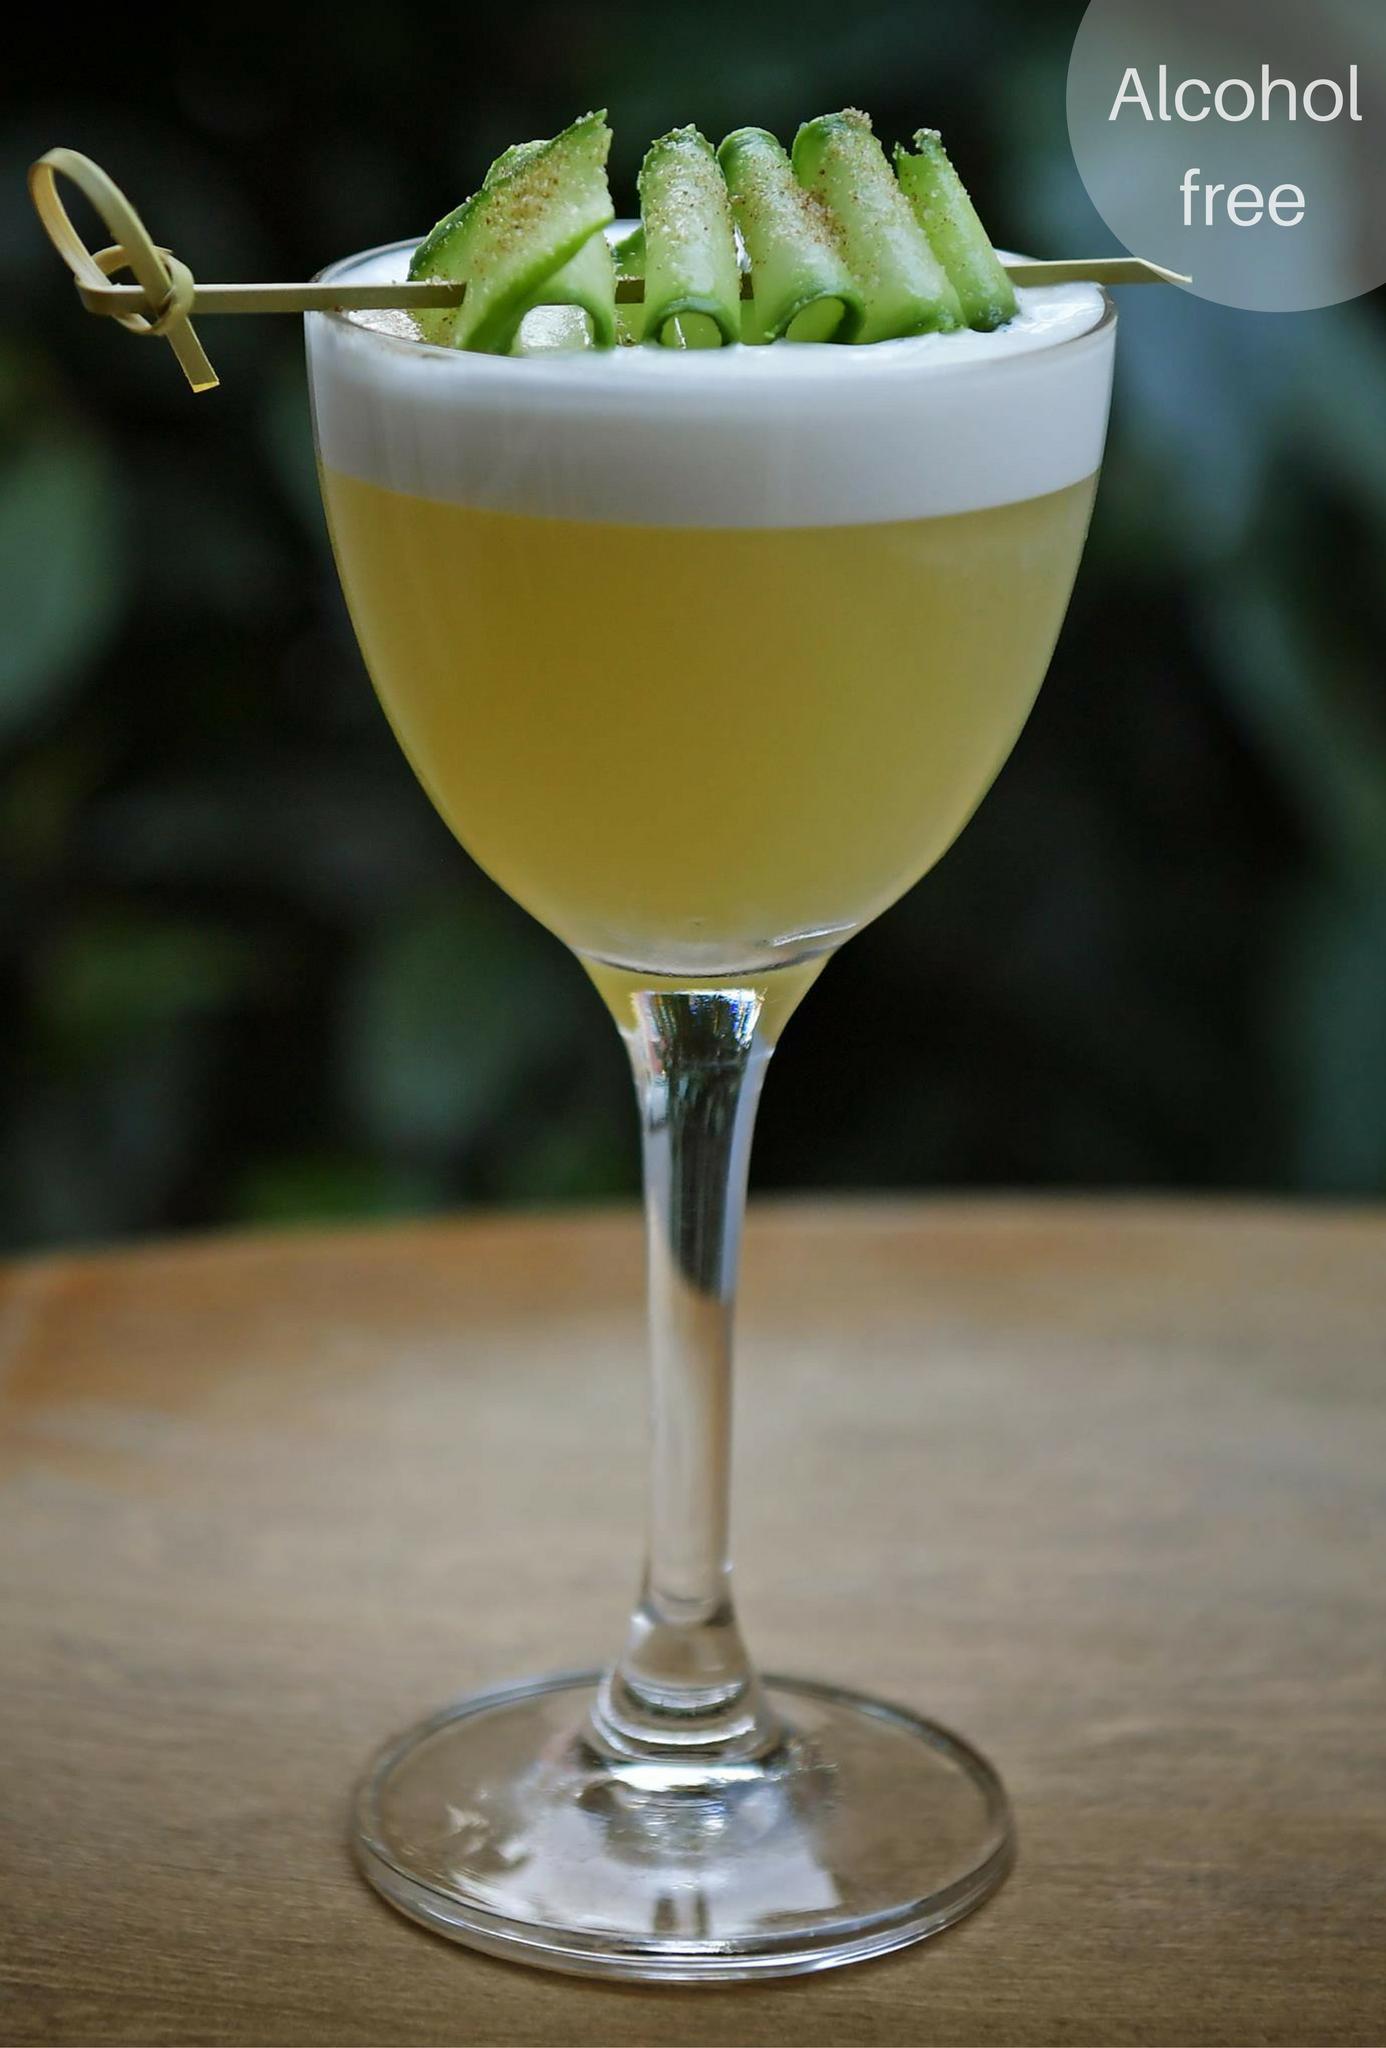 Dansk Forår - alcohol free Seedlip based cocktail from Kester Thomas